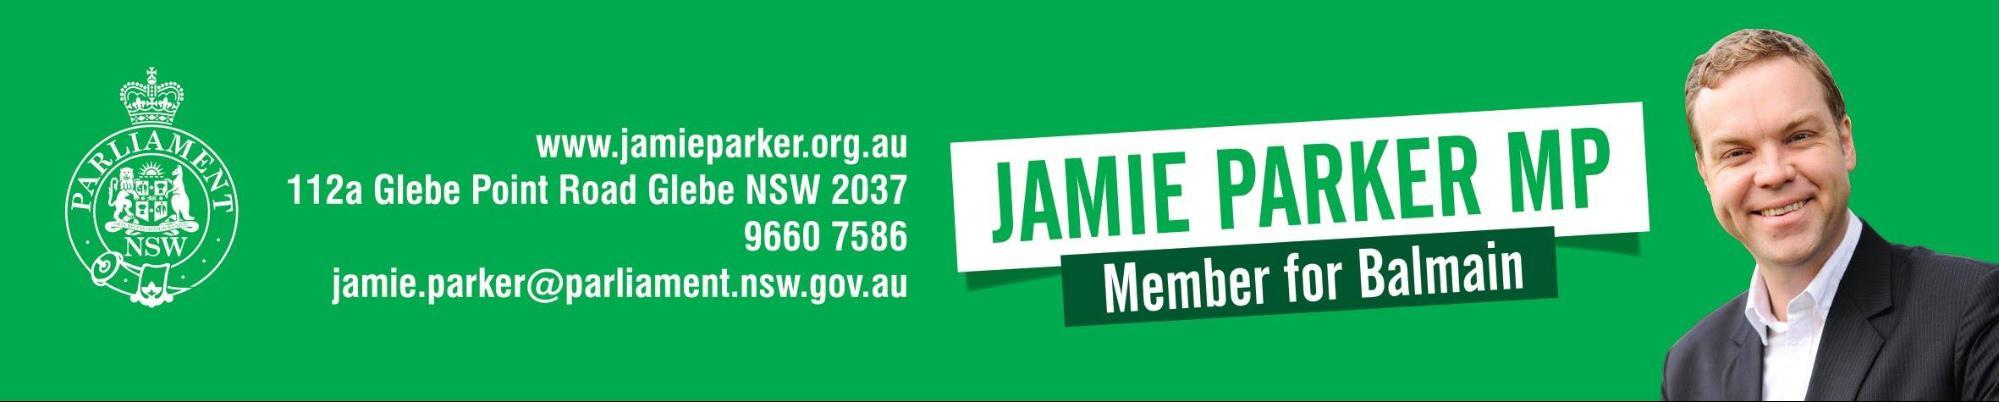 Press Release Header - Jamie Parker MP